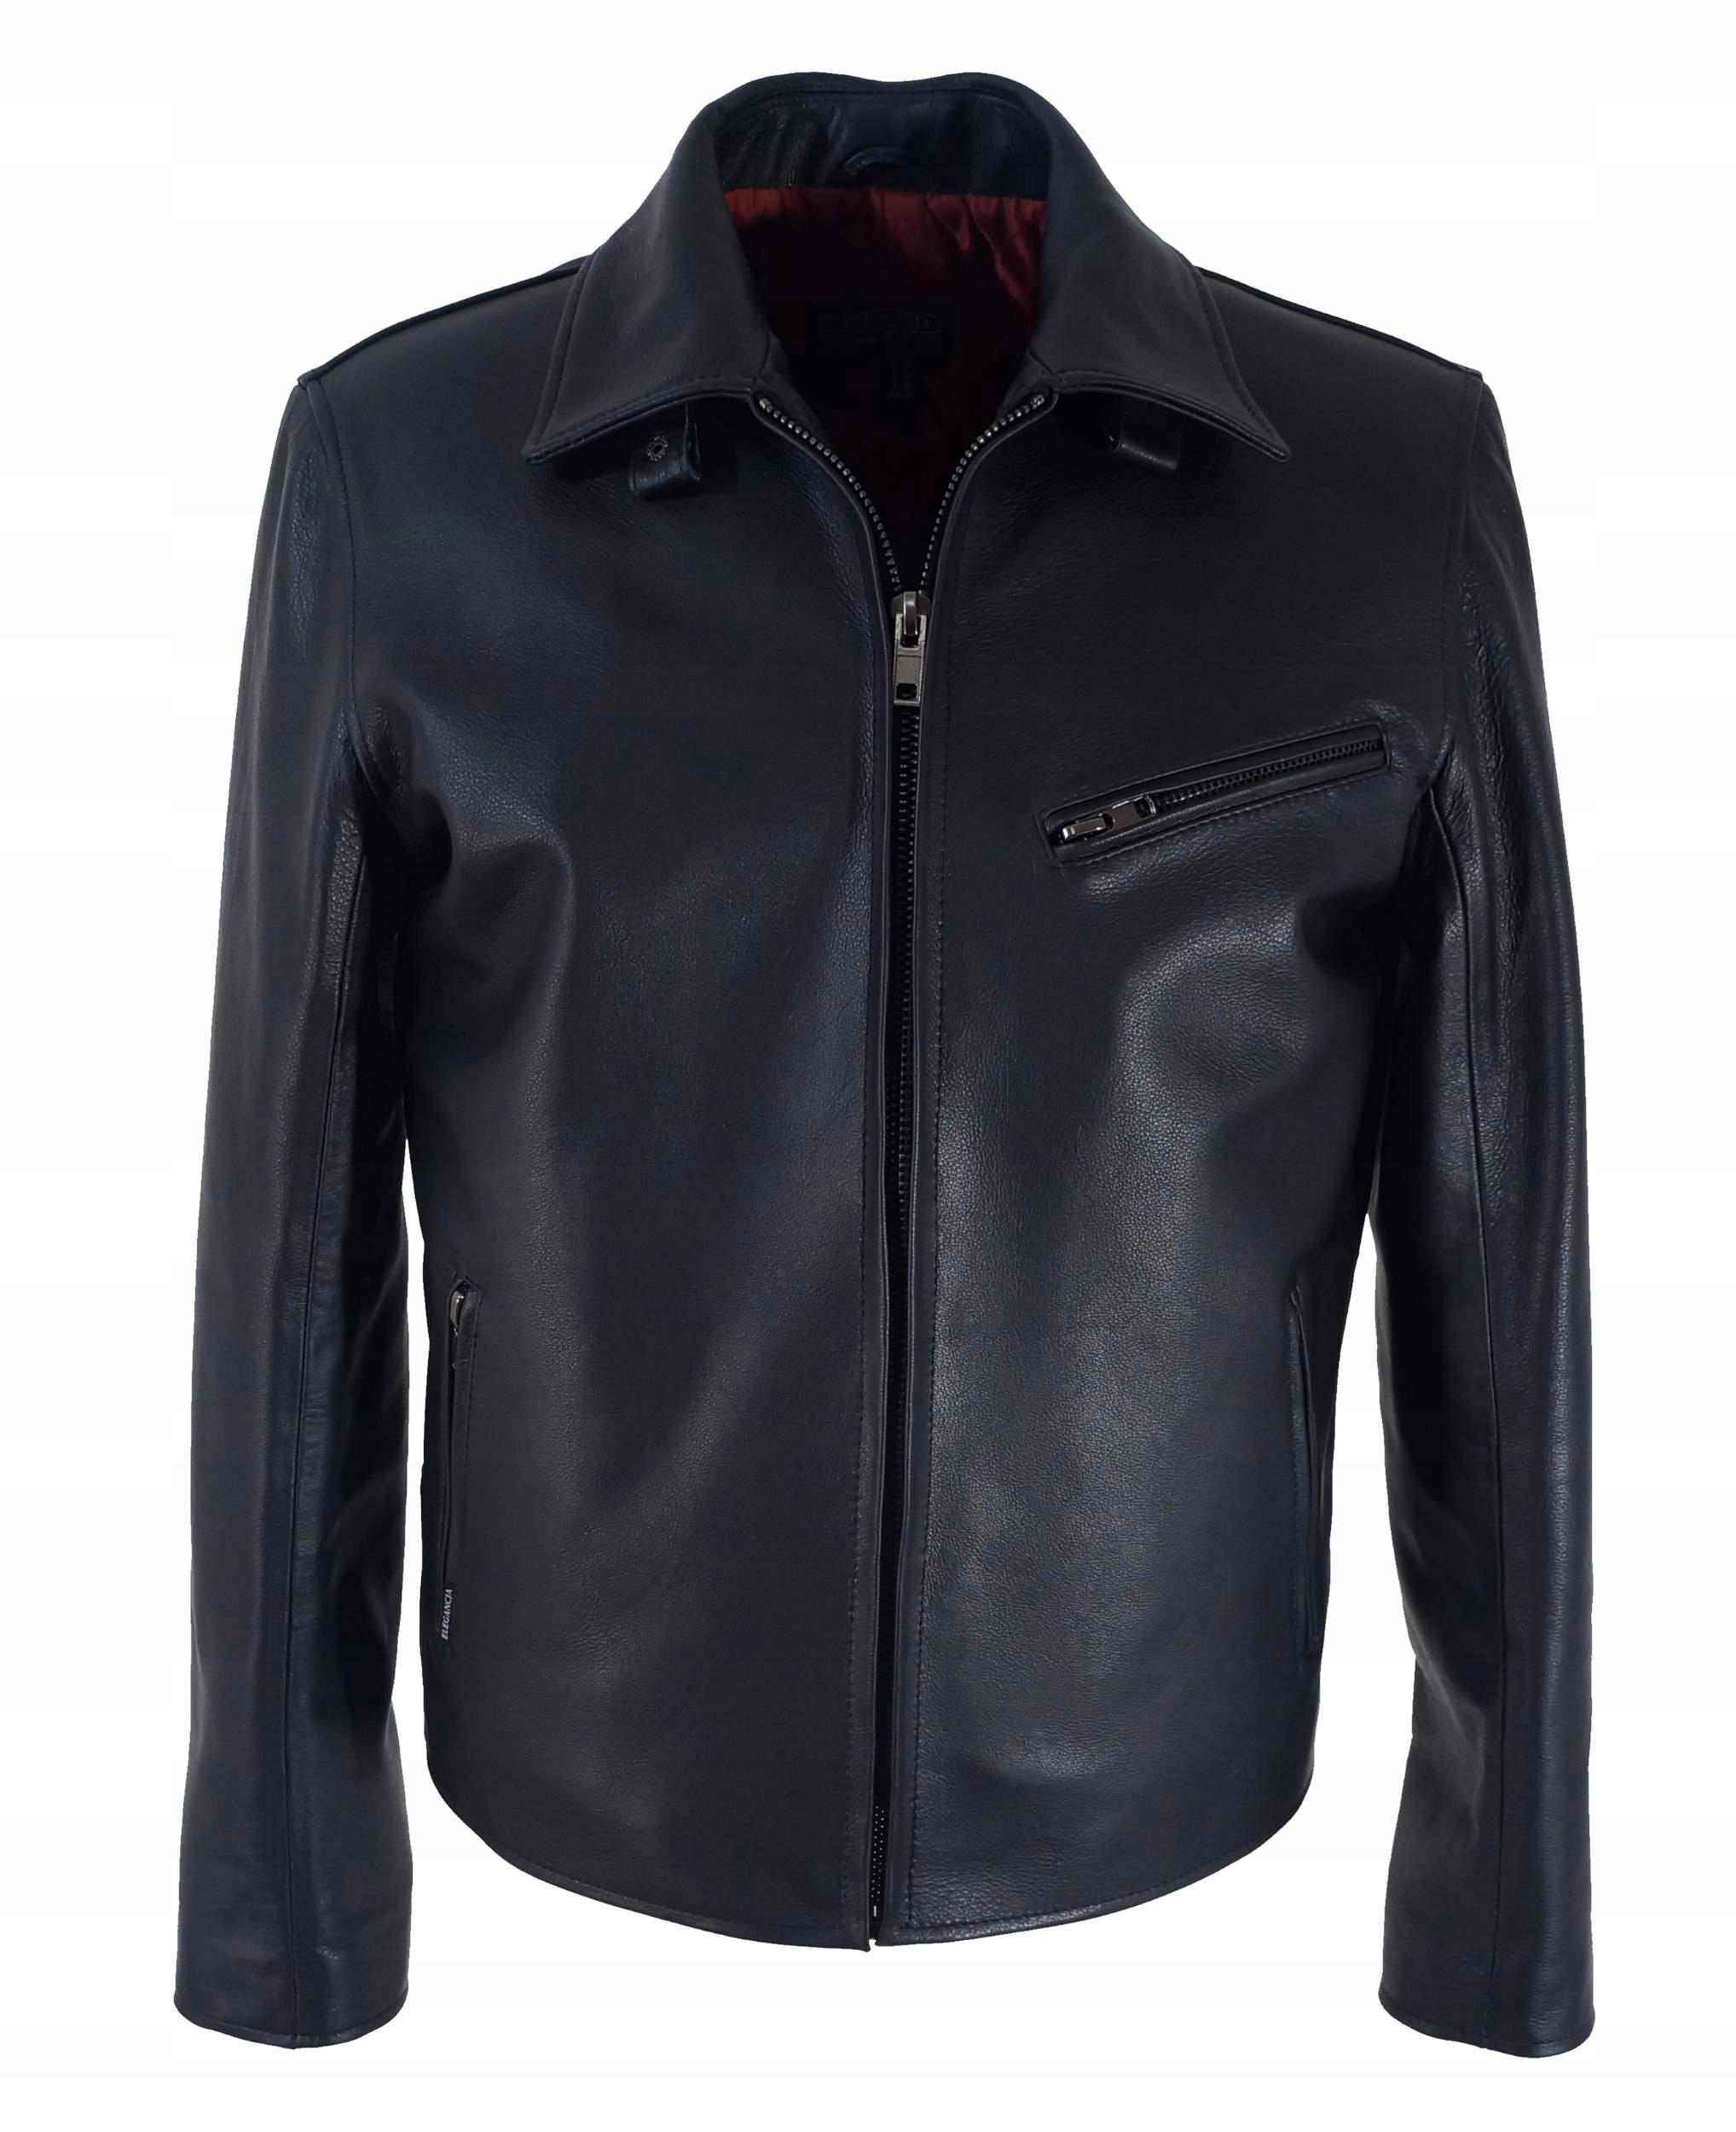 09ee1d6fb55 Куртка Pilot мужская кожаная черная Aero L 50